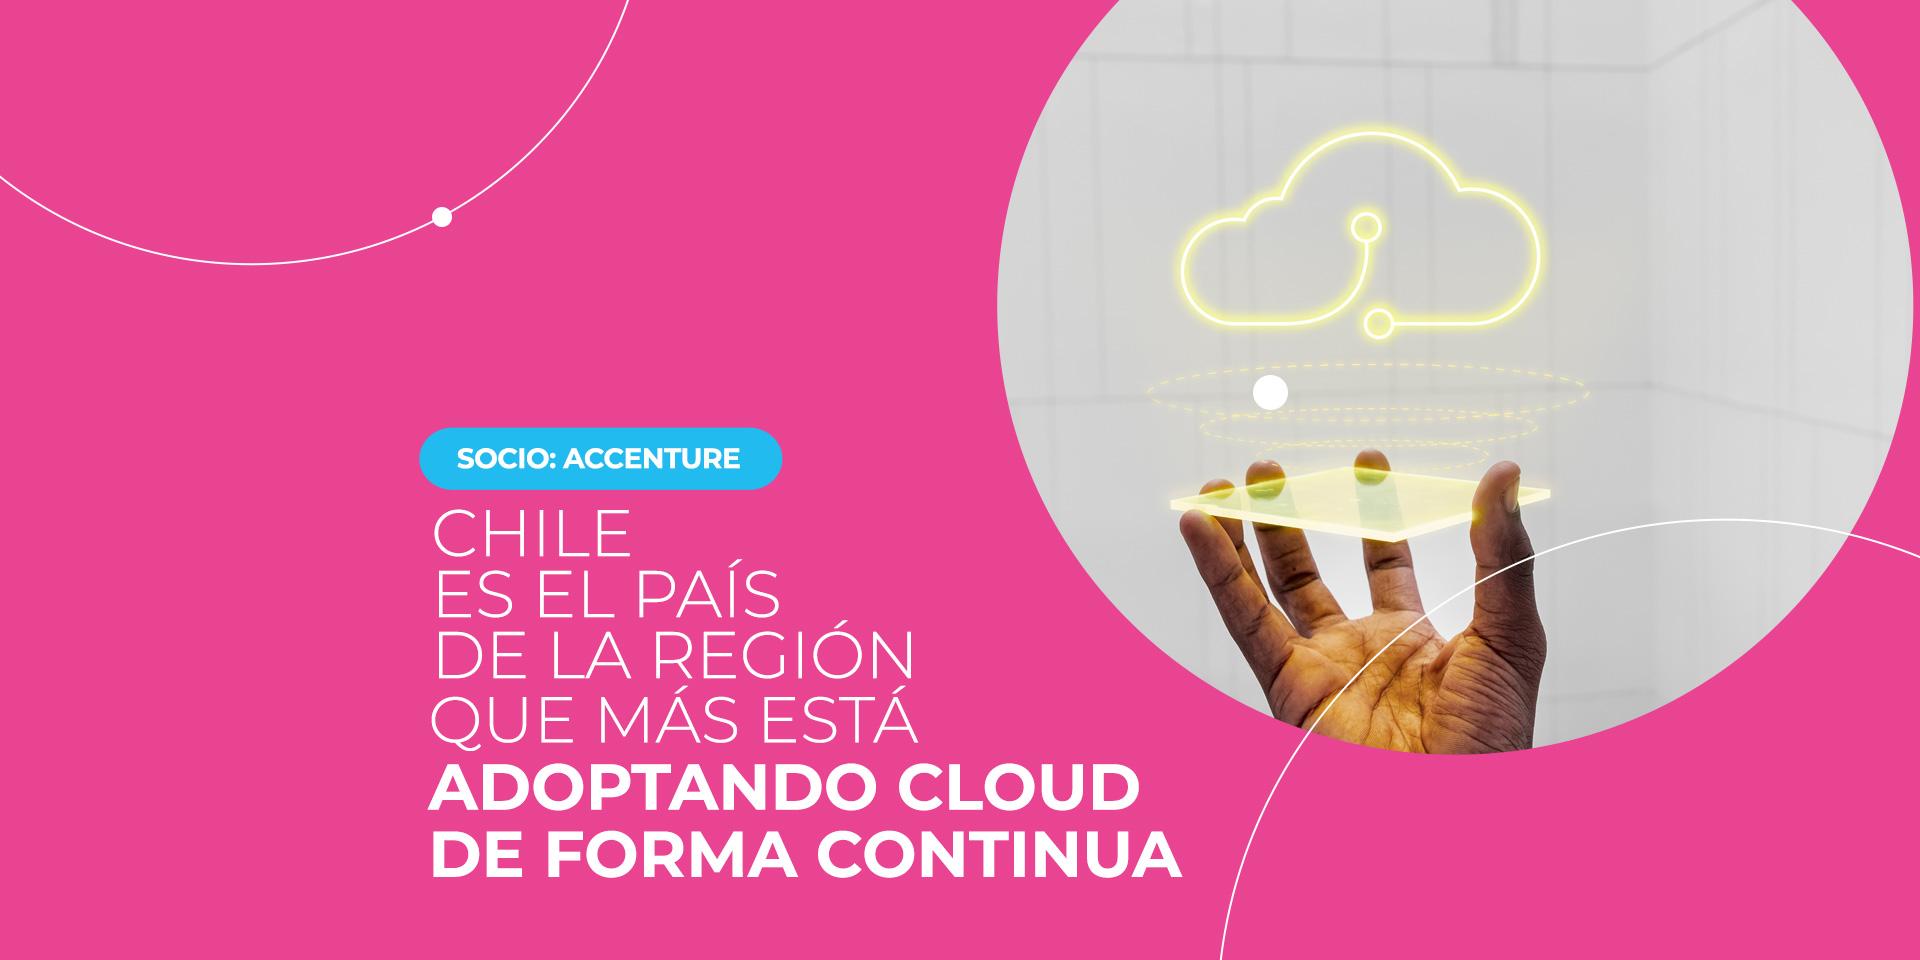 Accenture_estudio Chile adopta cloud